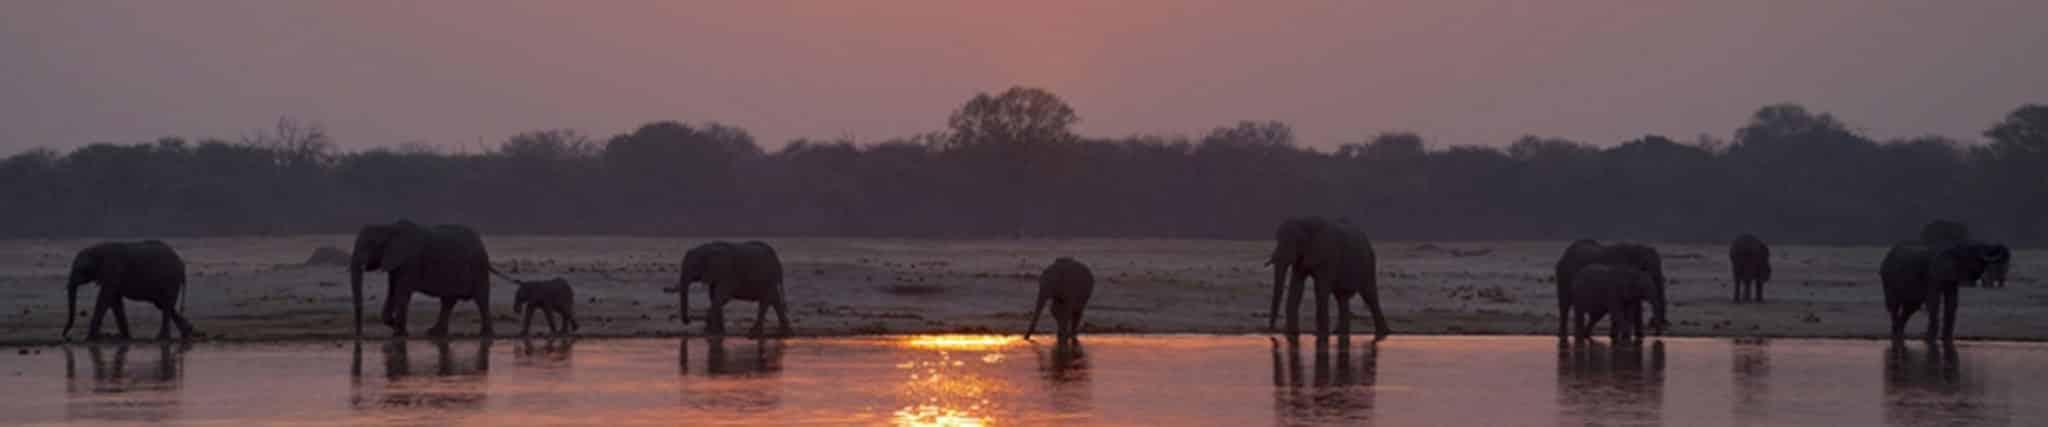 zimbabwe elephant safari